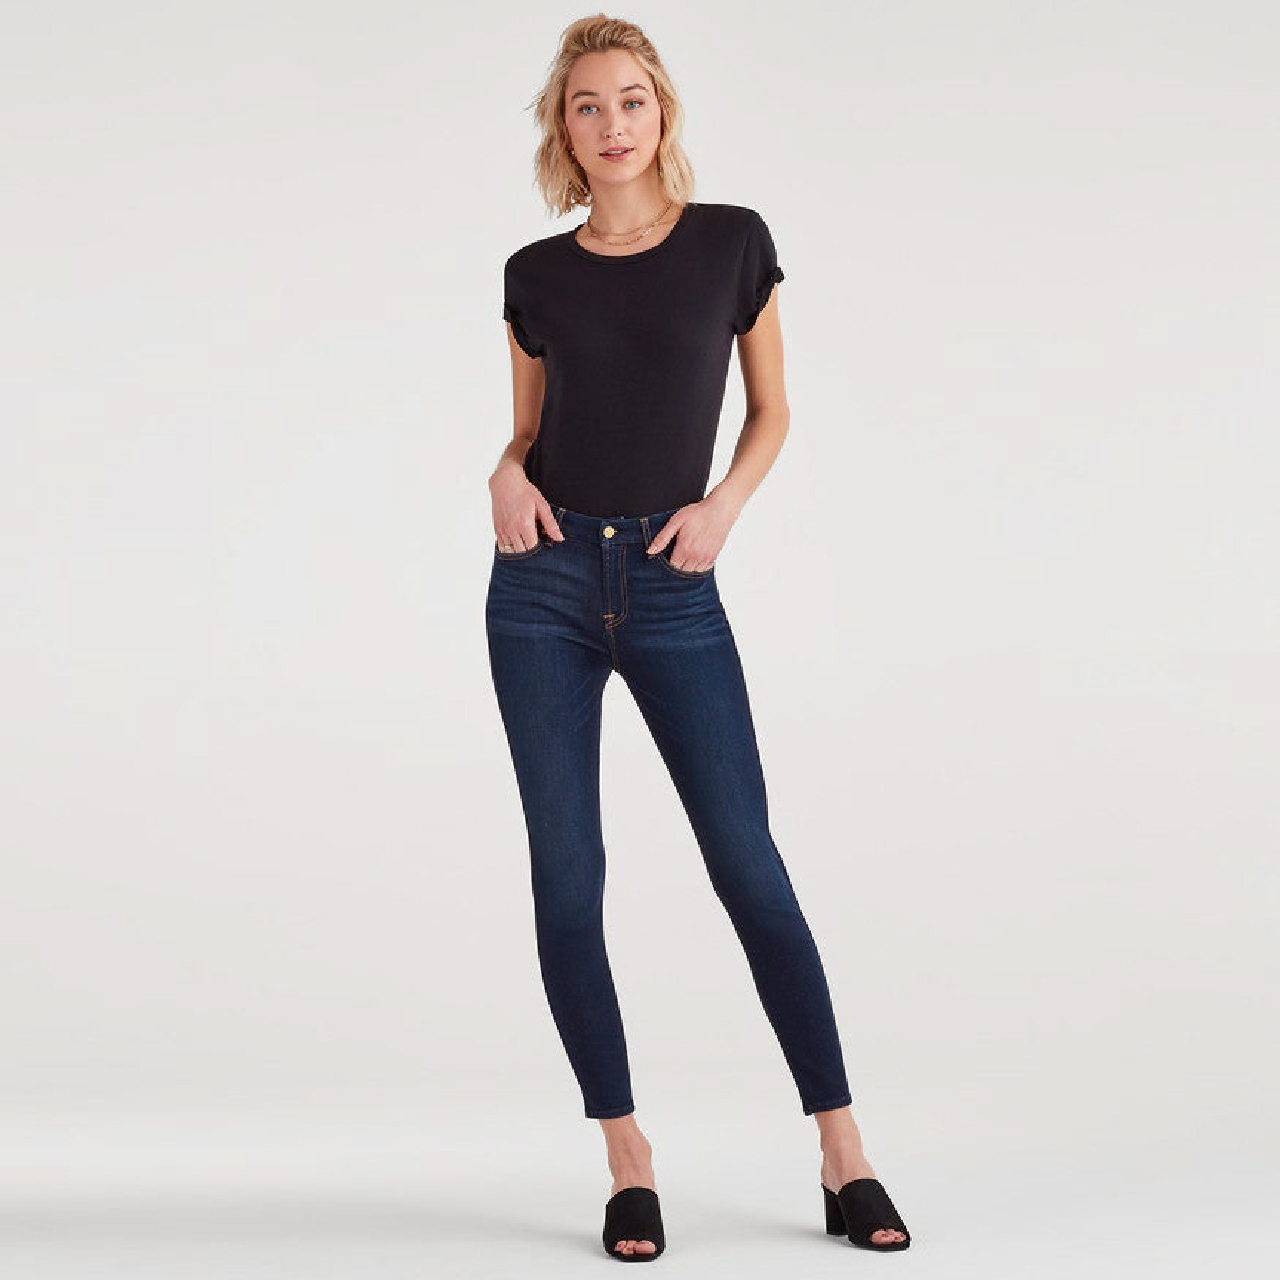 High Waist Ankle Skinny - SXTT